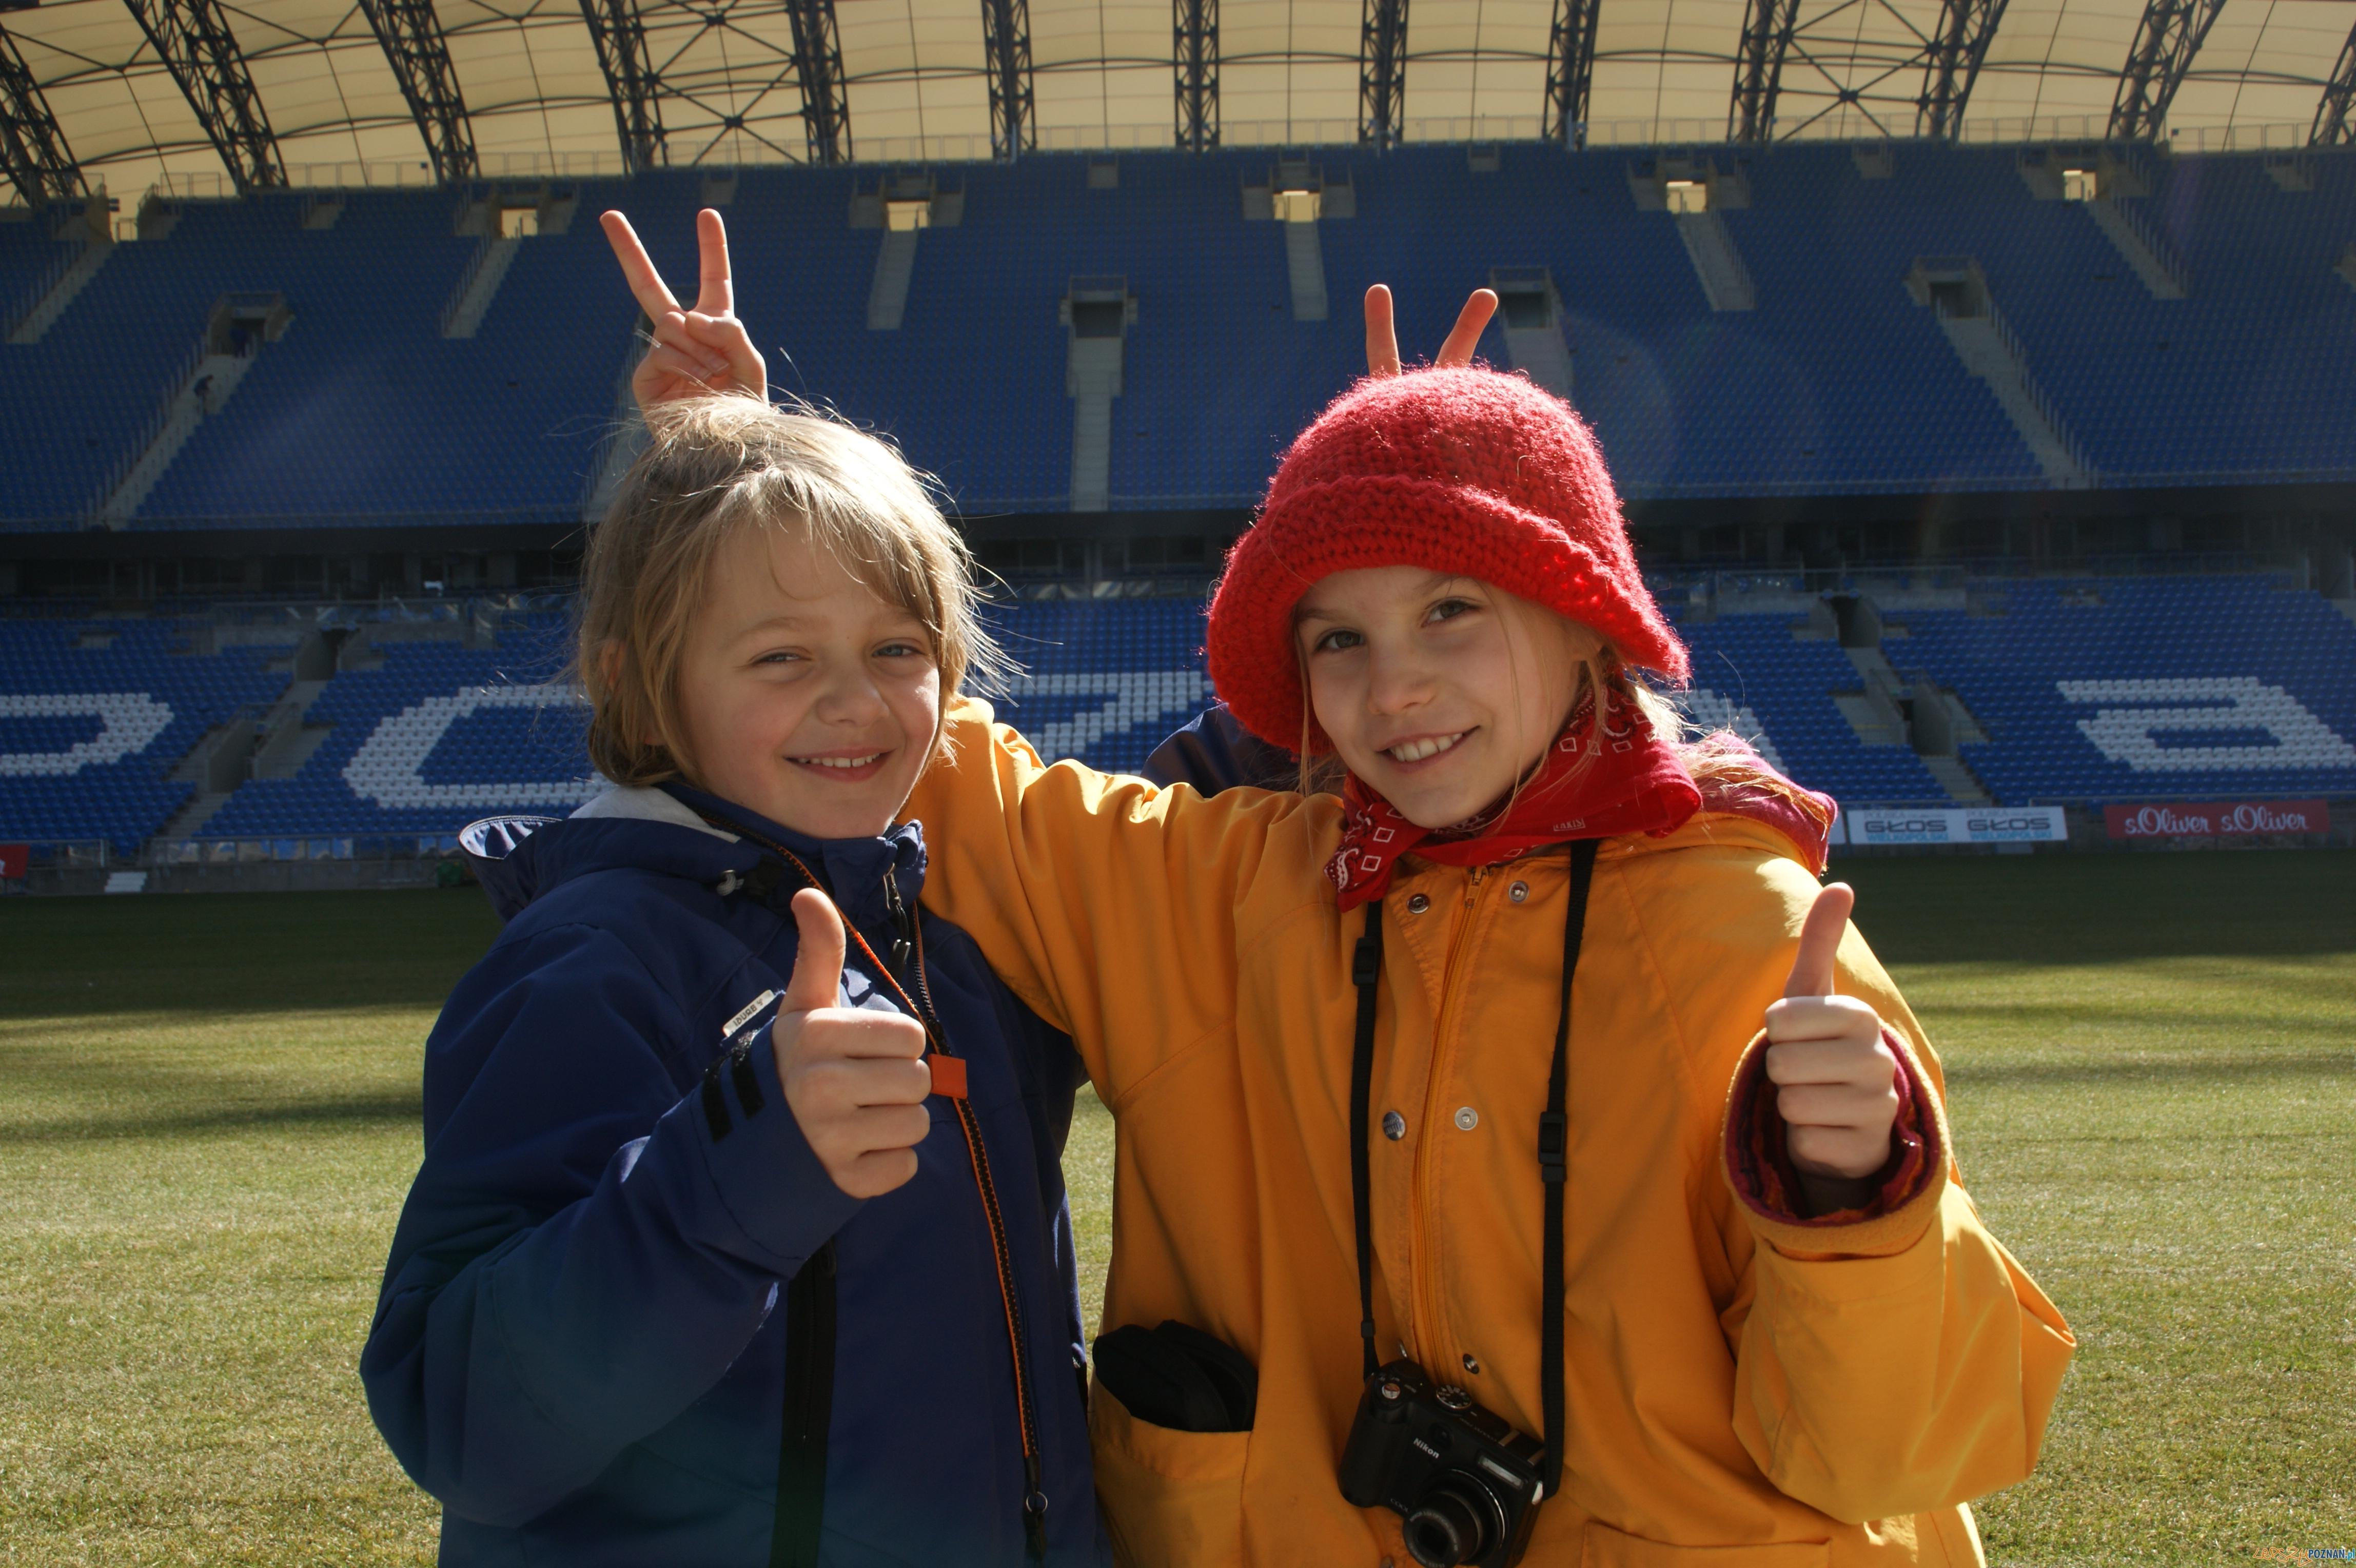 Zwiedzanie Stadionu Miejskiego w Poznaniu  Foto: EURO Poznań 2012